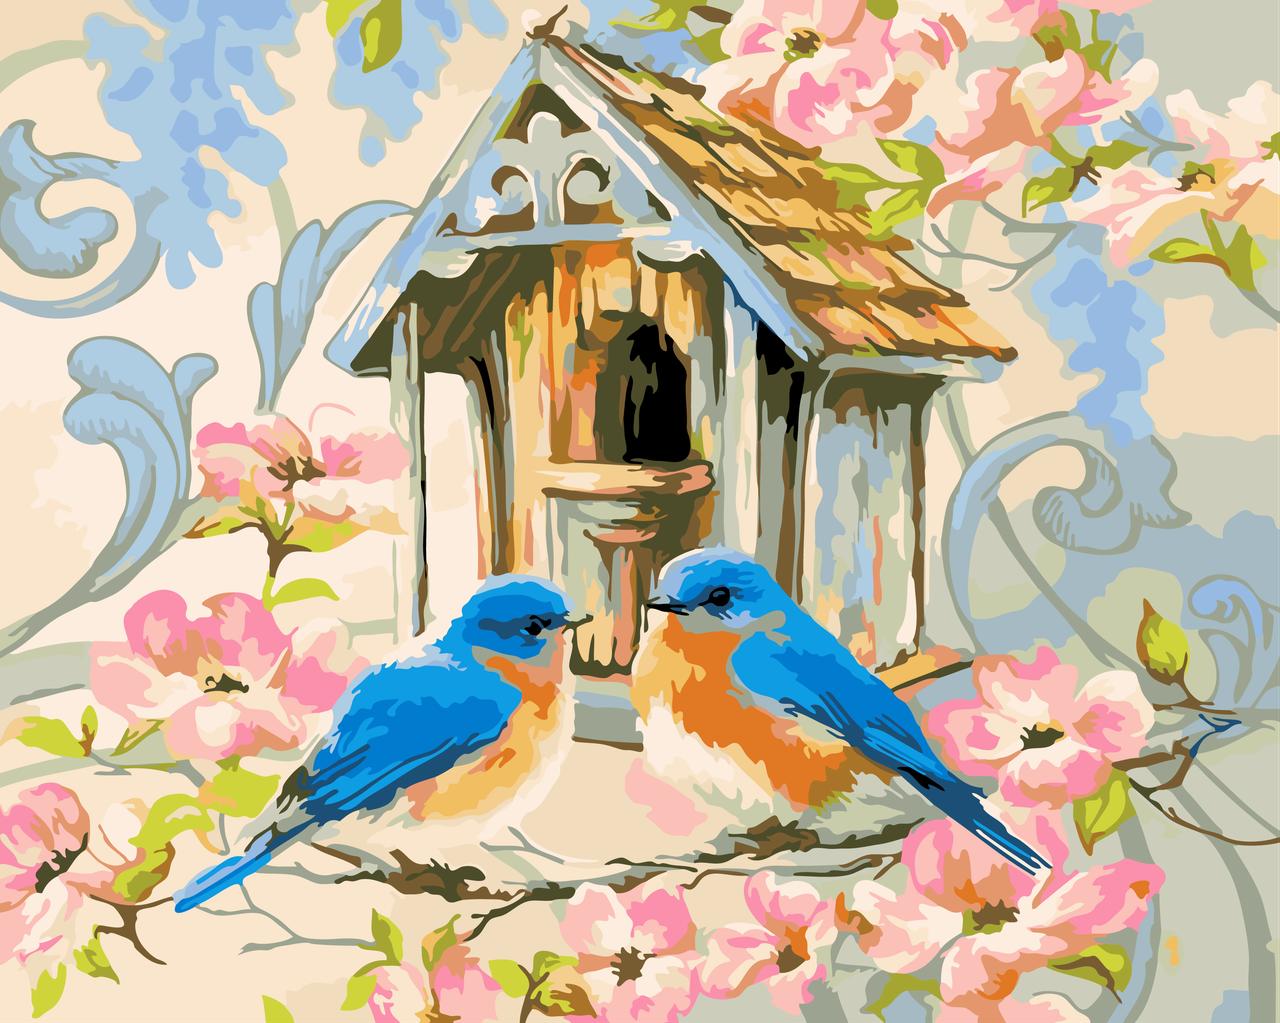 """Картина по номерам """"Птичкин дом"""" 40*50см"""